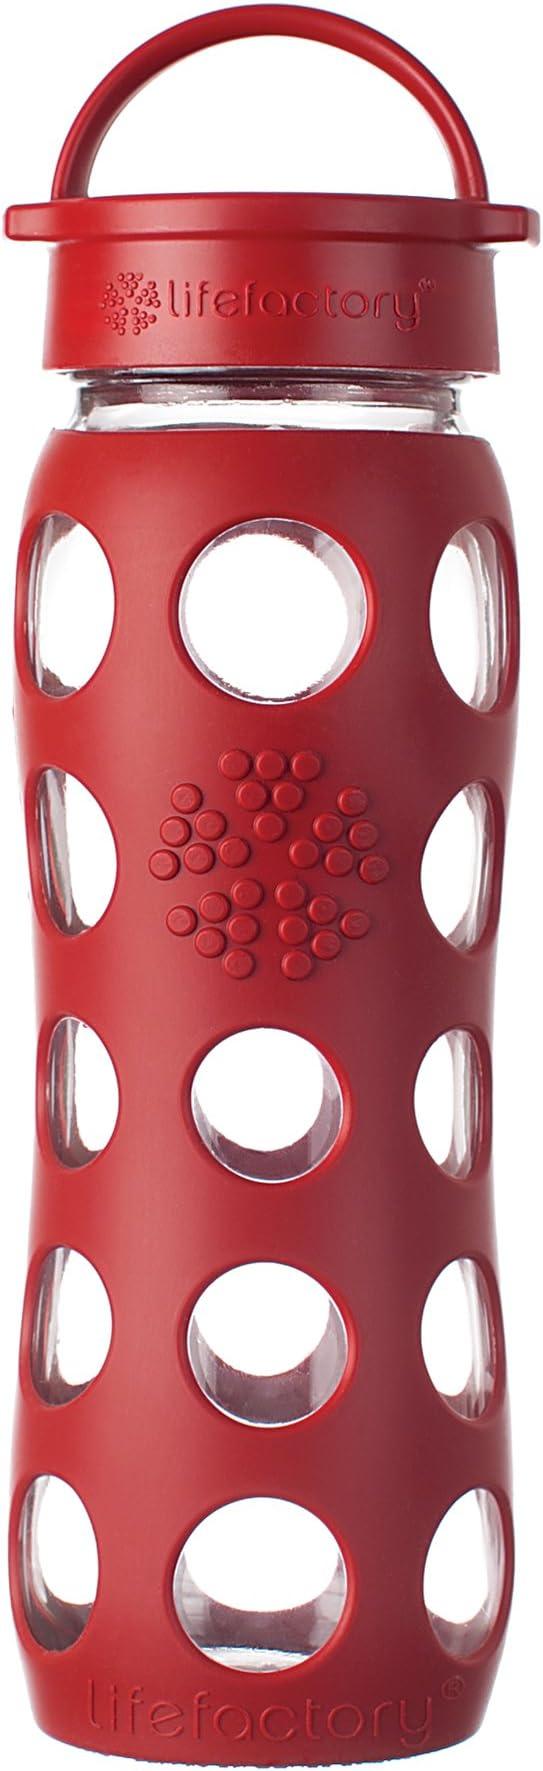 Lifefactory 13573 - Botella de Cristal (650 ml), Color Rojo ...